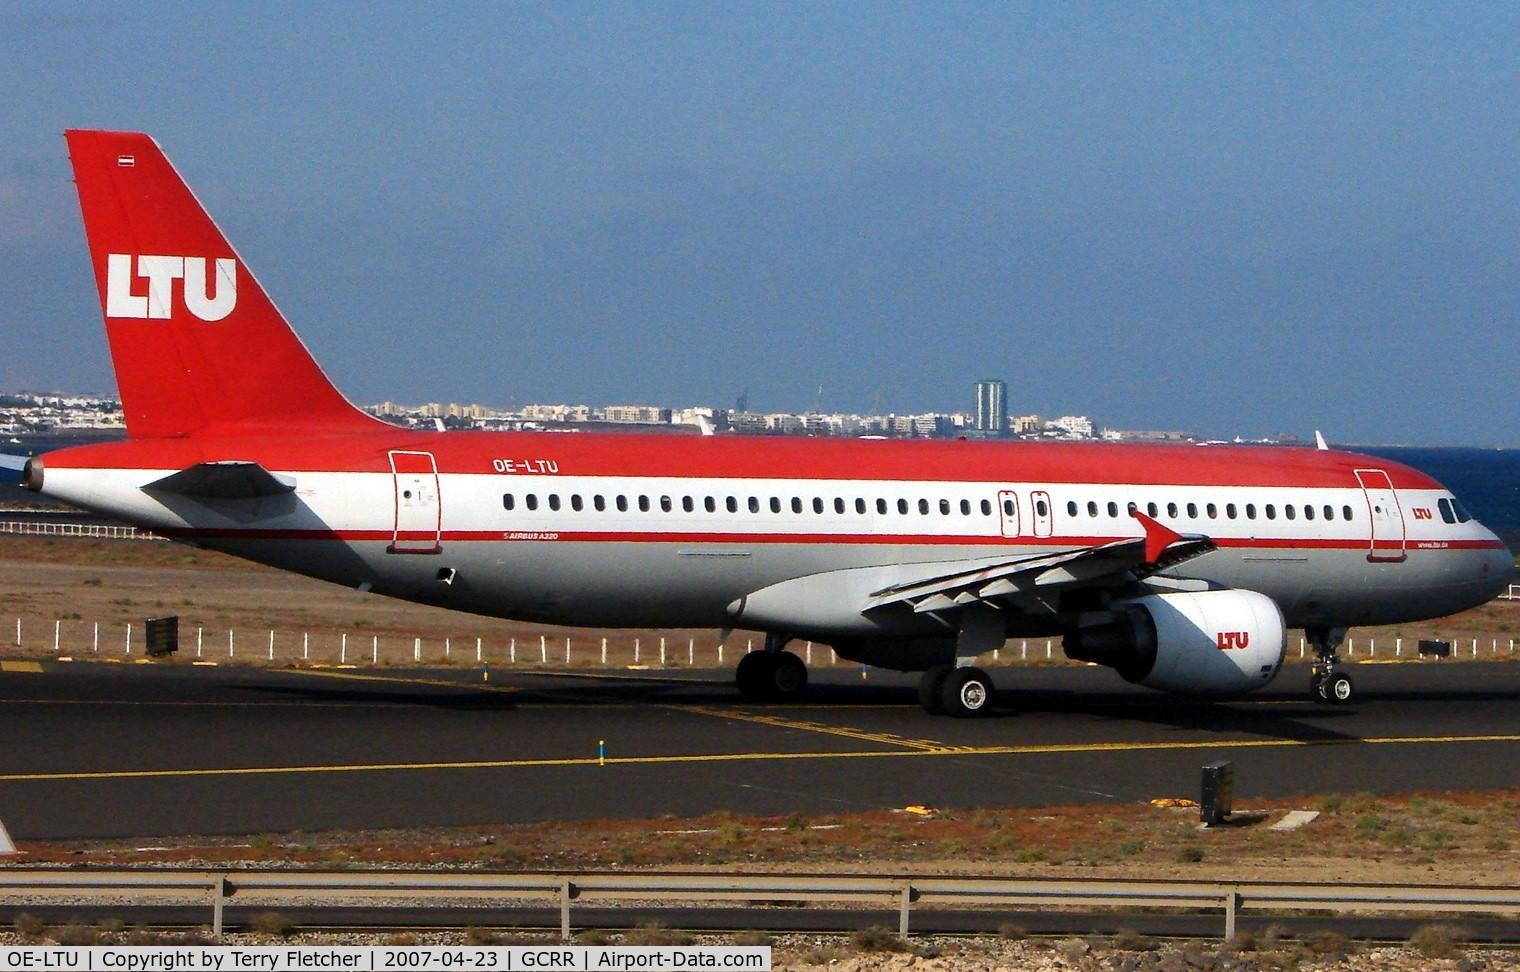 OE-LTU, 2001 Airbus A320-214 C/N 1504, LTU A320